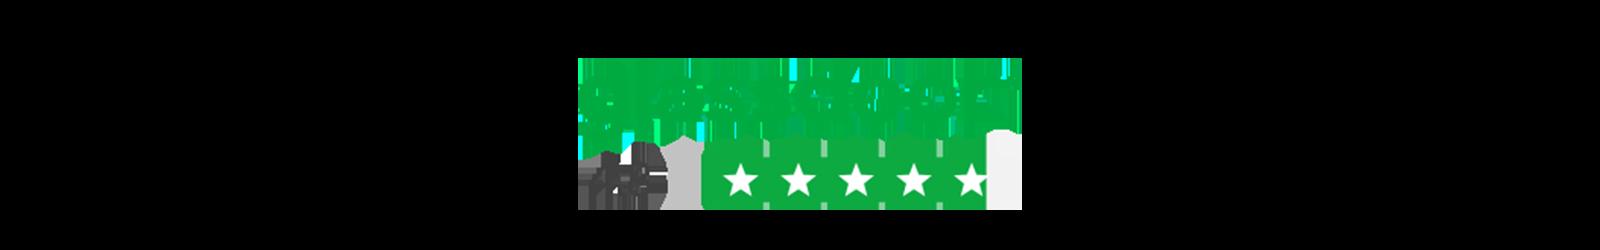 Ultraleap glassdoor rating